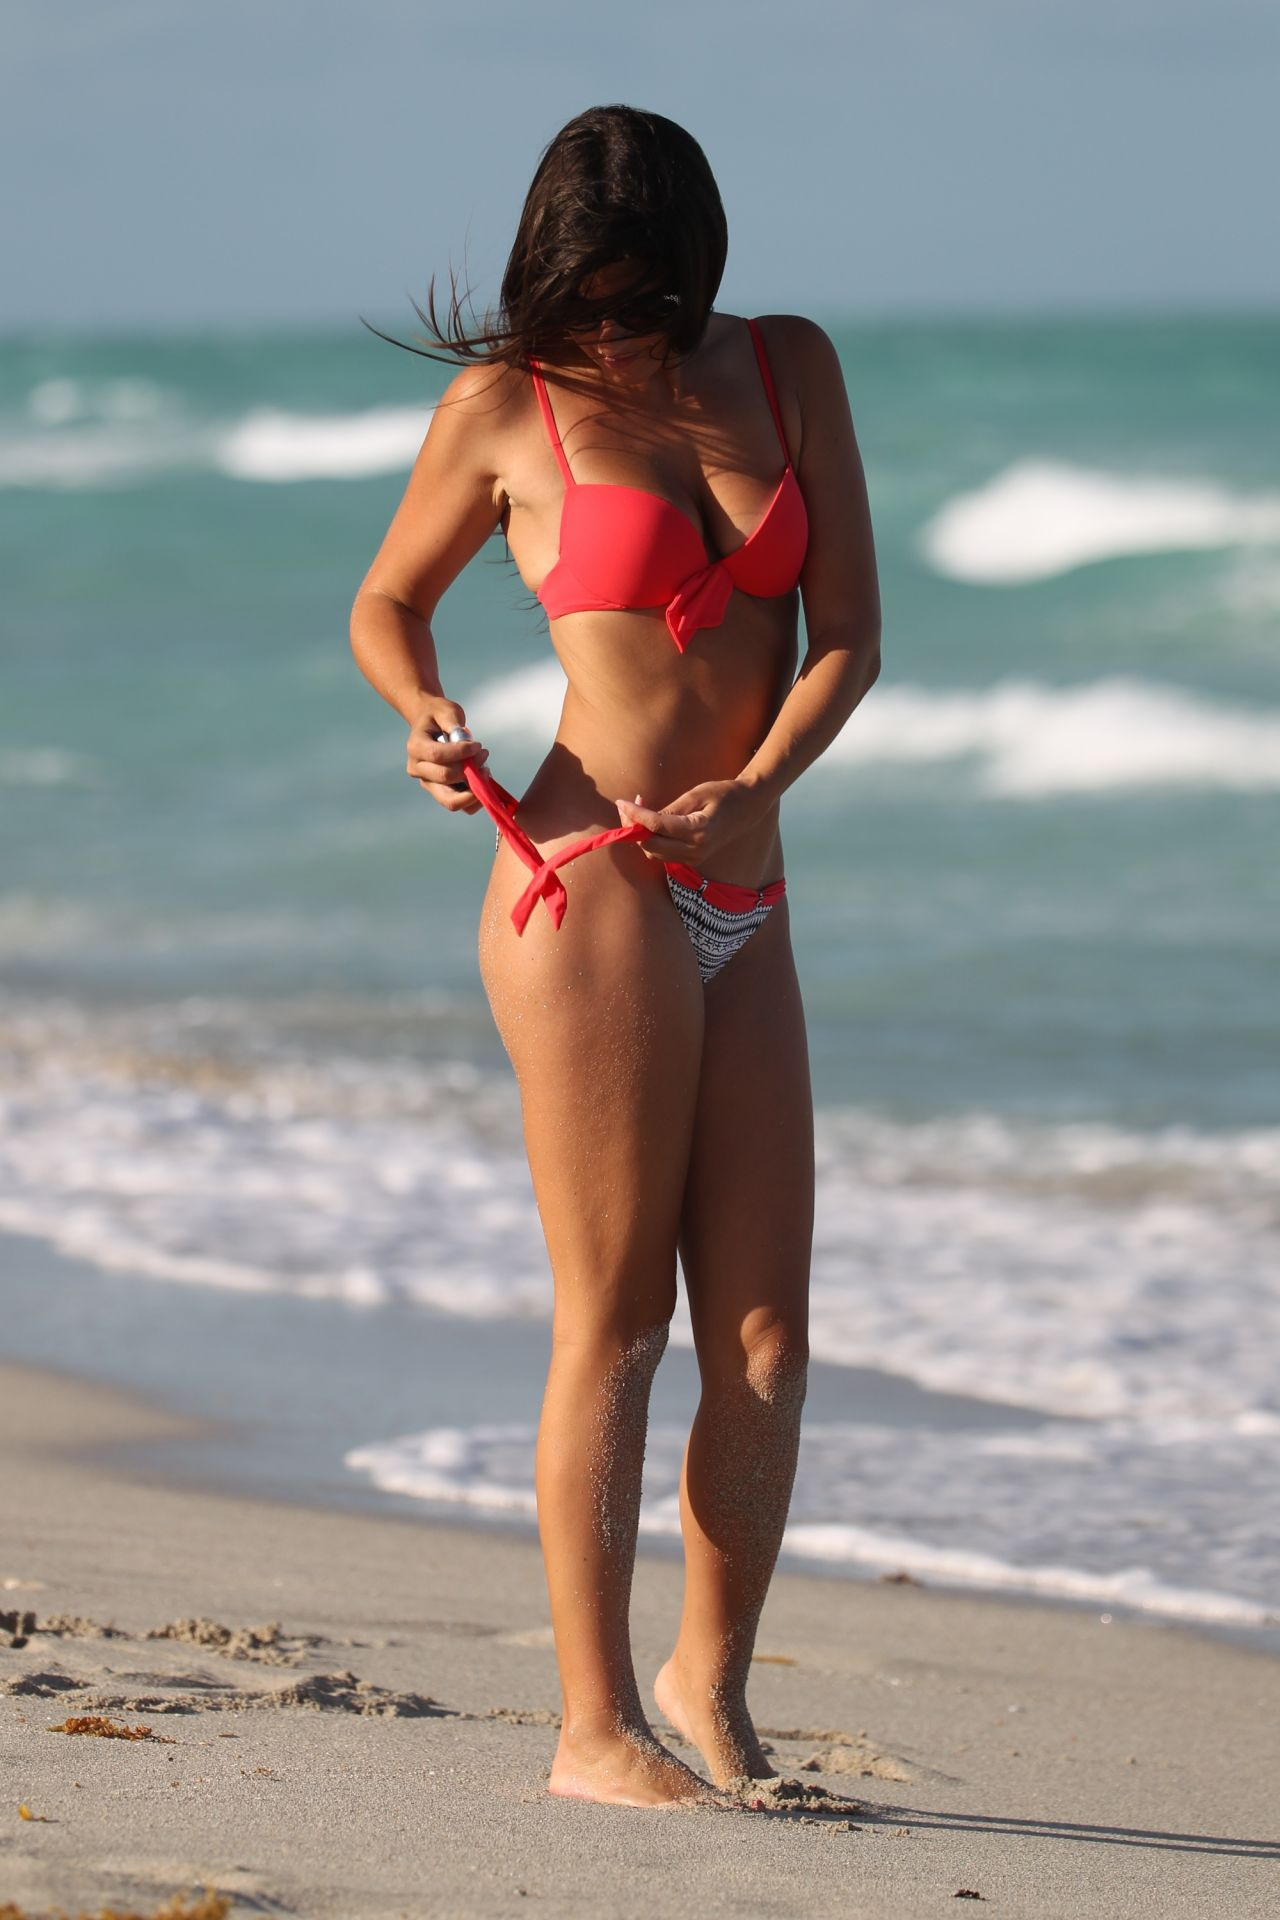 Cell phone bikini pics